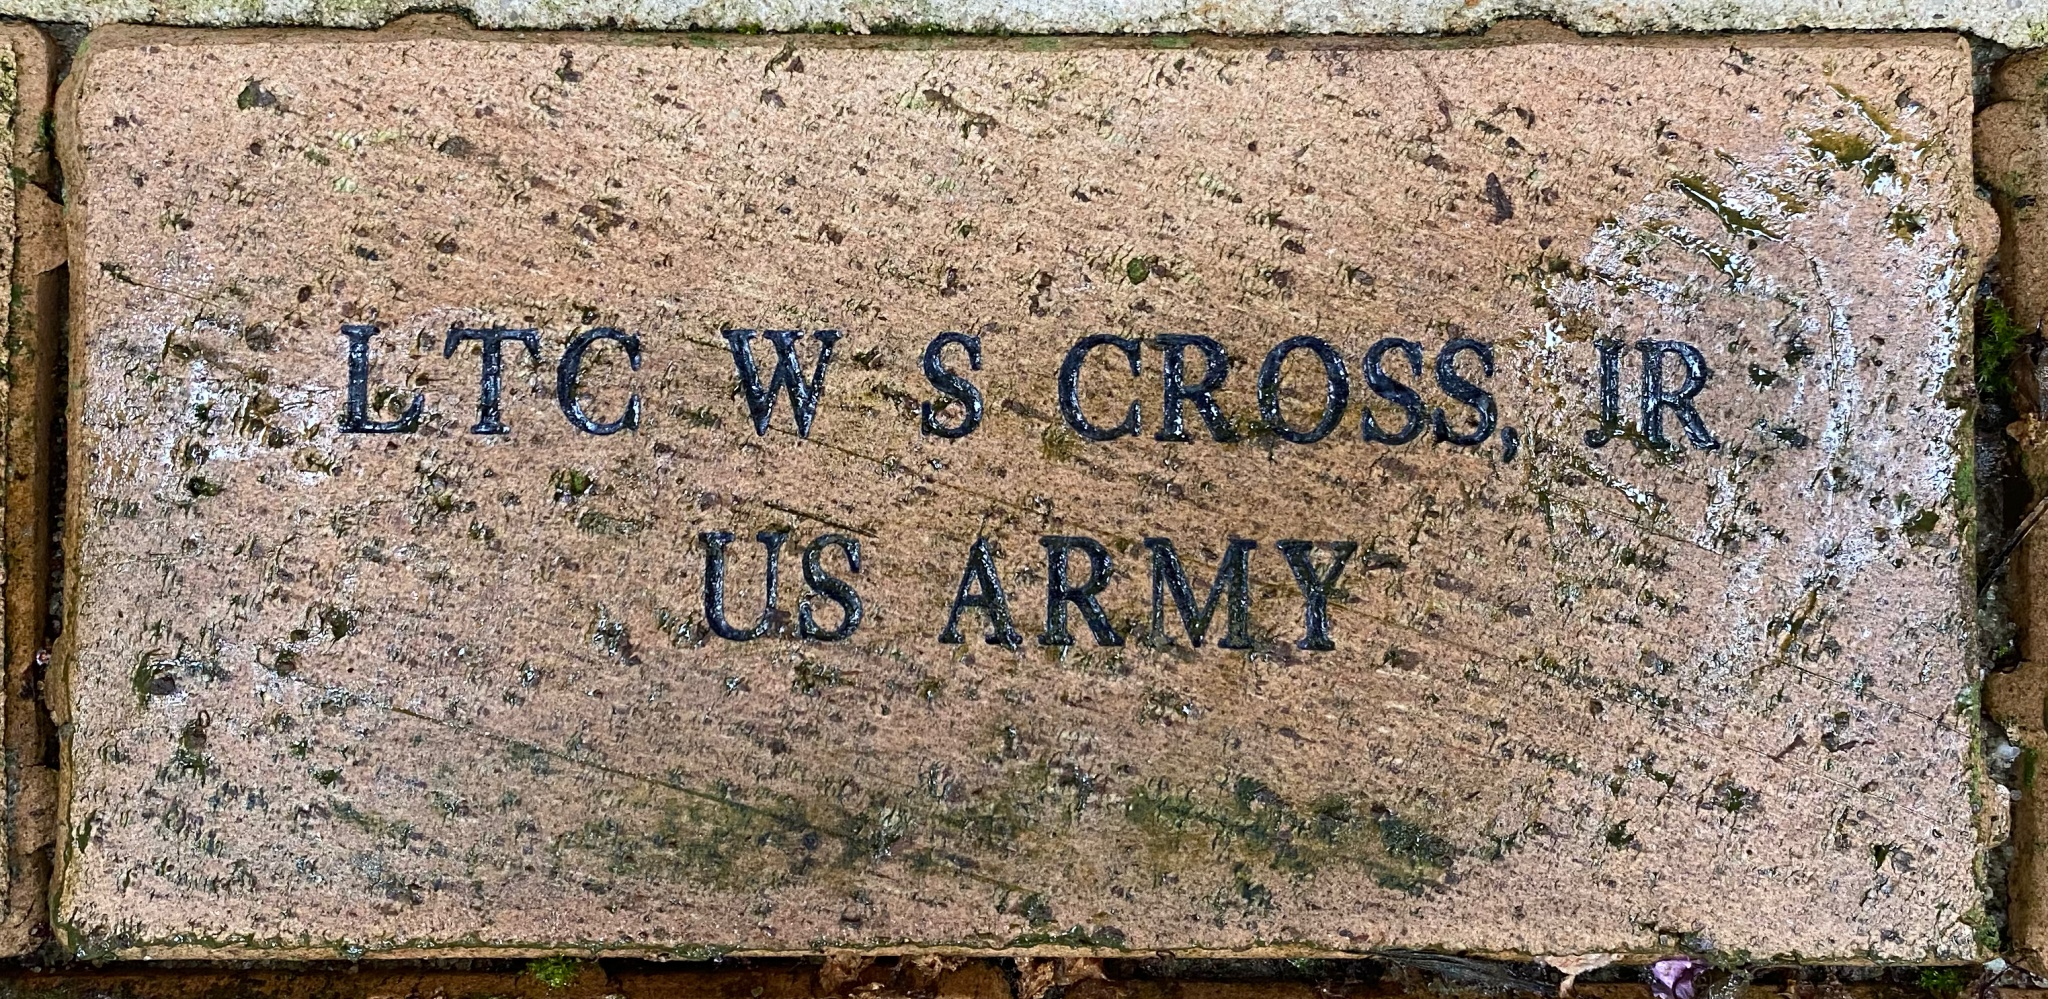 LTC W S CROSS, JR US ARMY